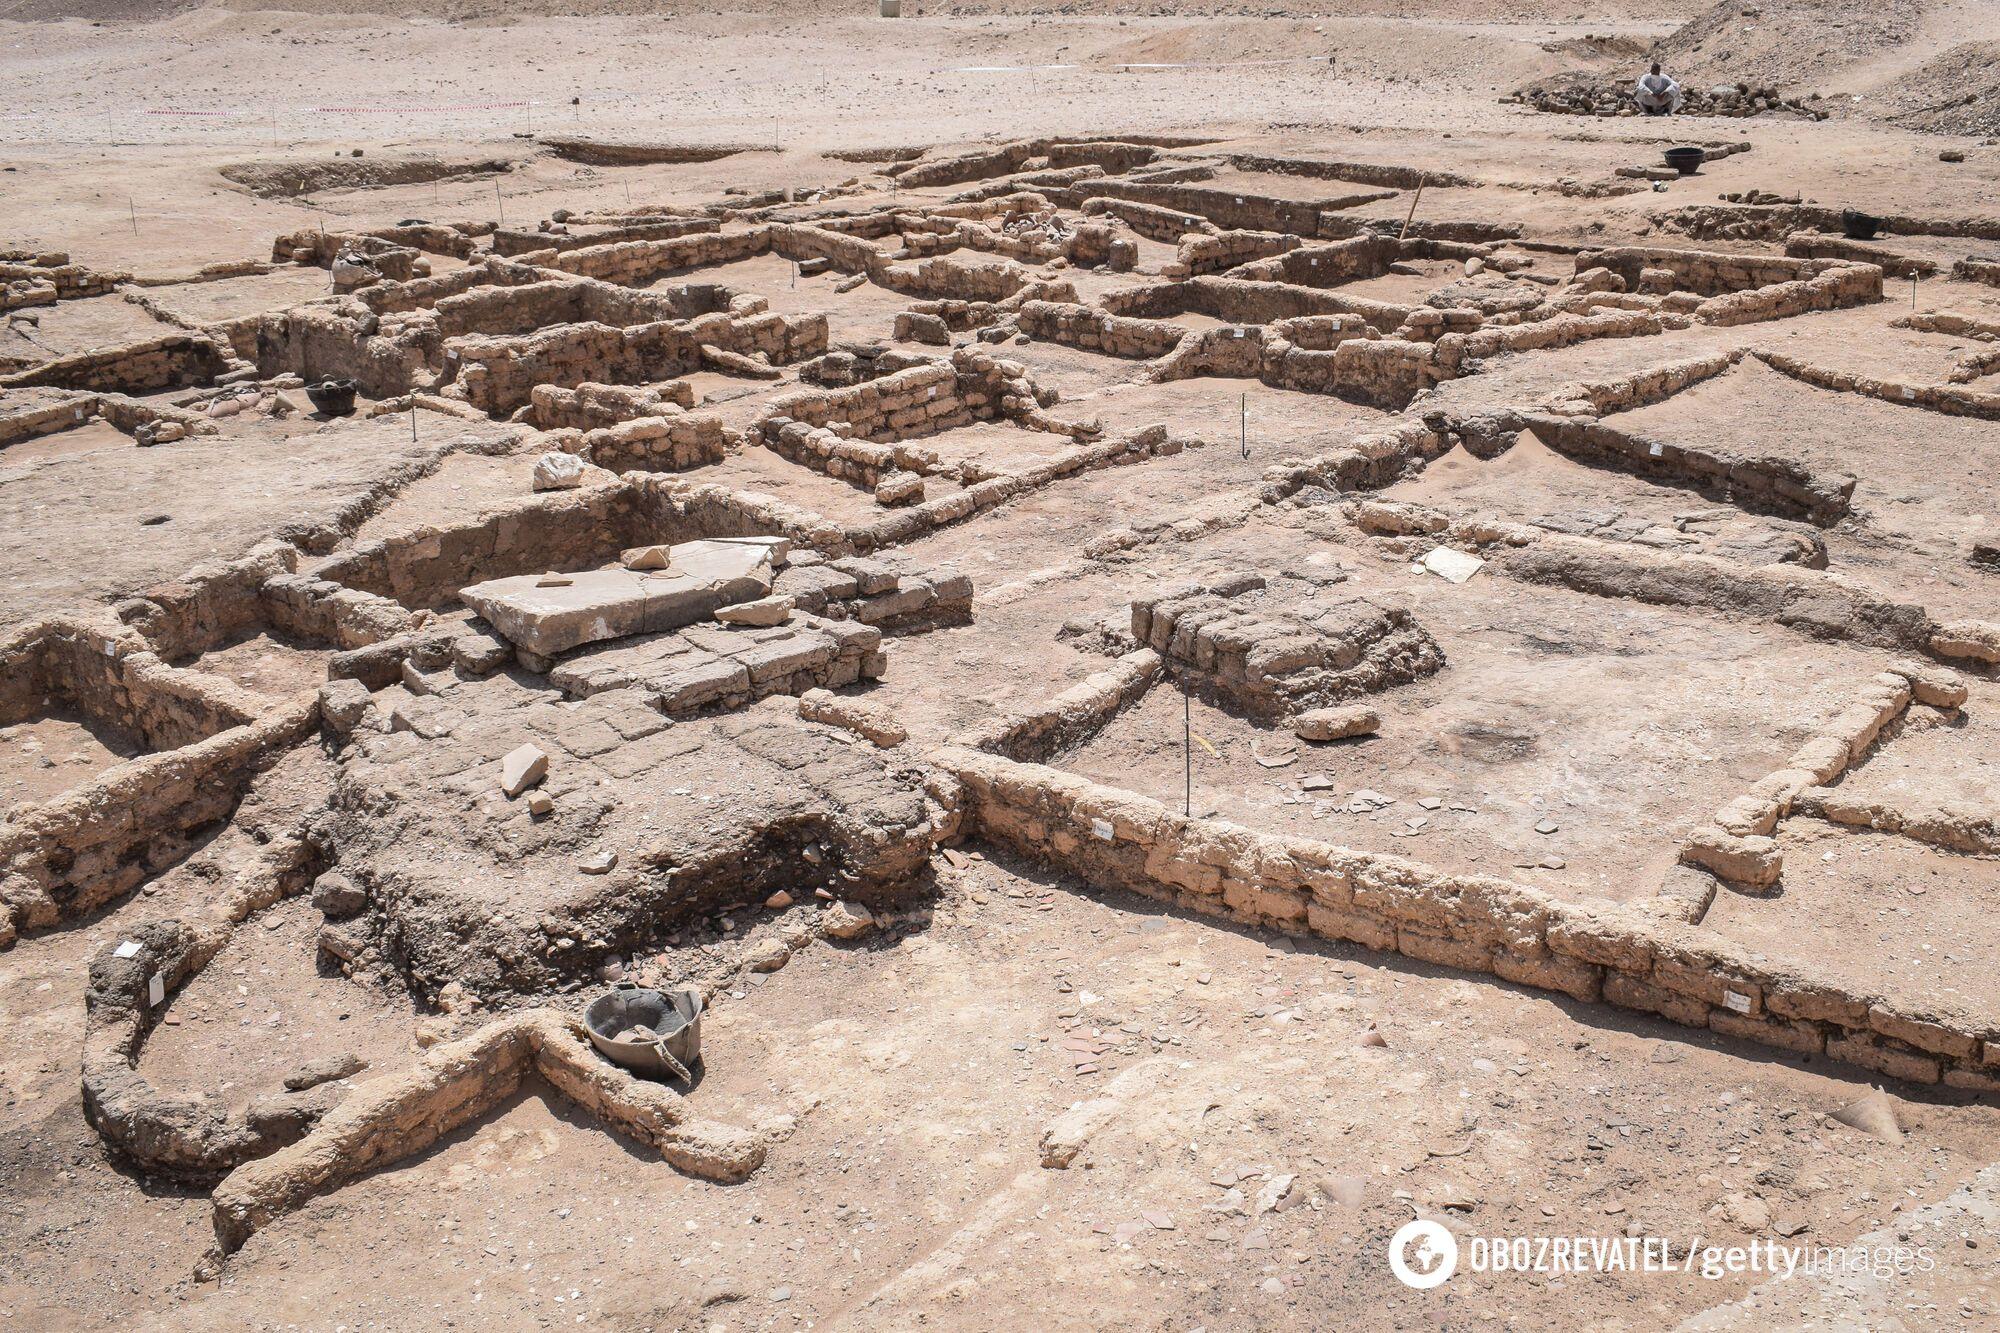 Общий вид руин недавно обнаруженного 3000-летнего города на территории современного Луксора